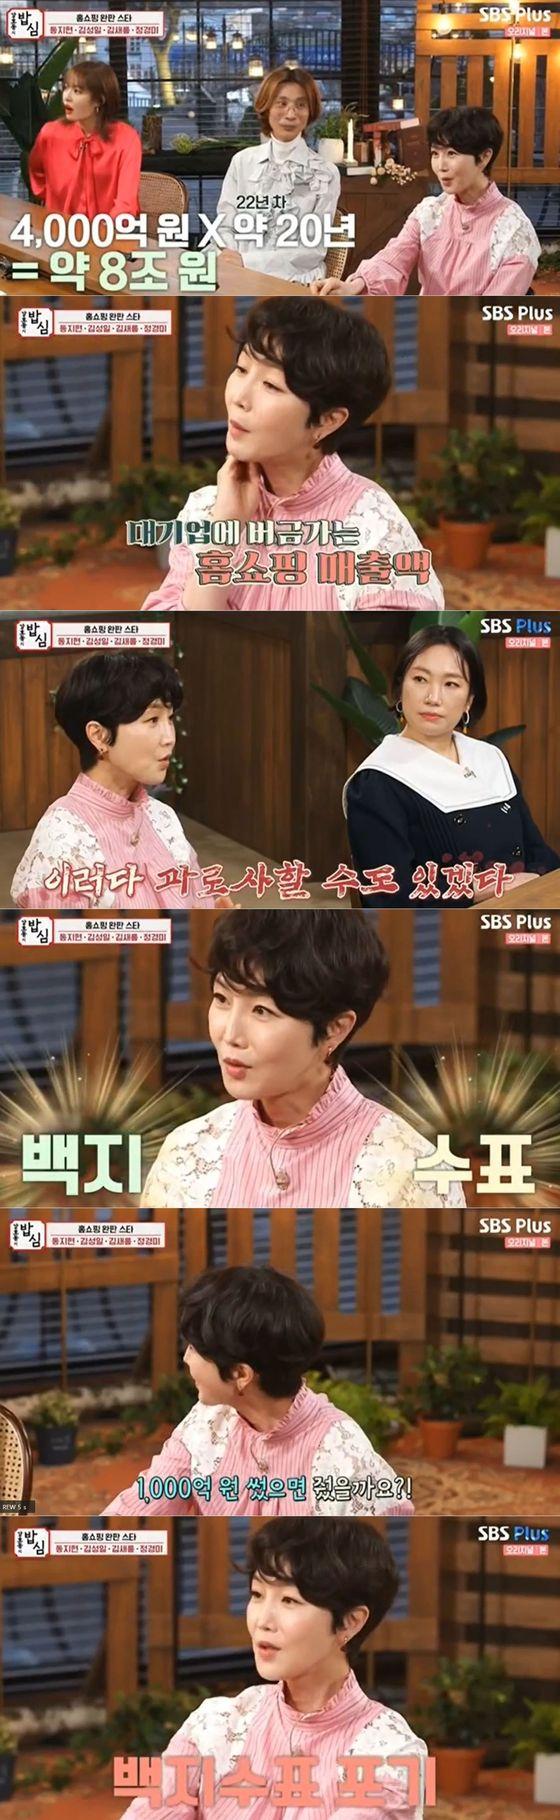 """Dong Ji-Hyun """"홈쇼핑 묶음 당 매출 1 억 '8 조'… 나가라고했을 때 백지 수표 제안[밥심]"""